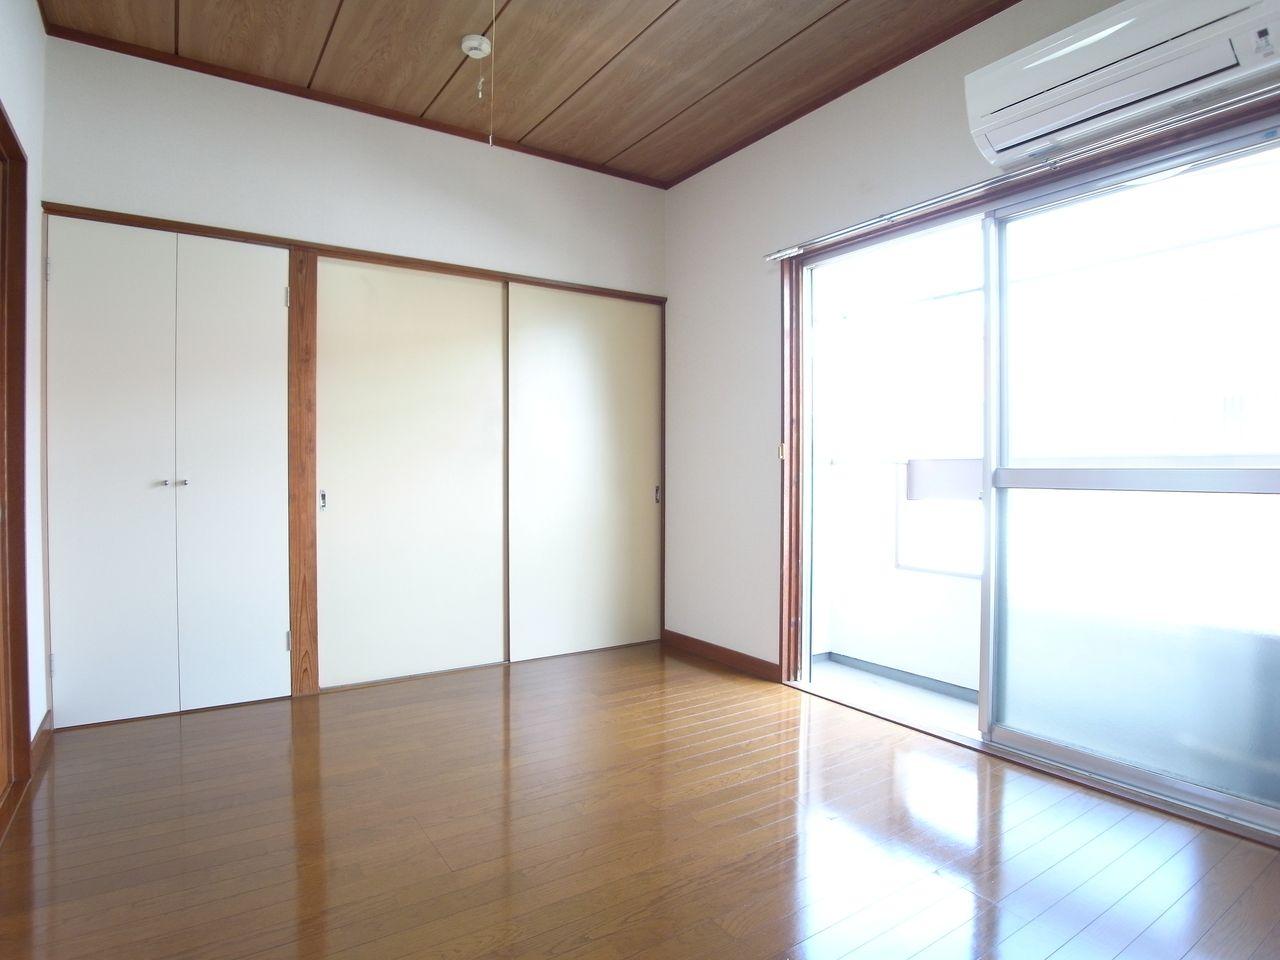 ガラス戸の間仕切りだから室内も明るいです